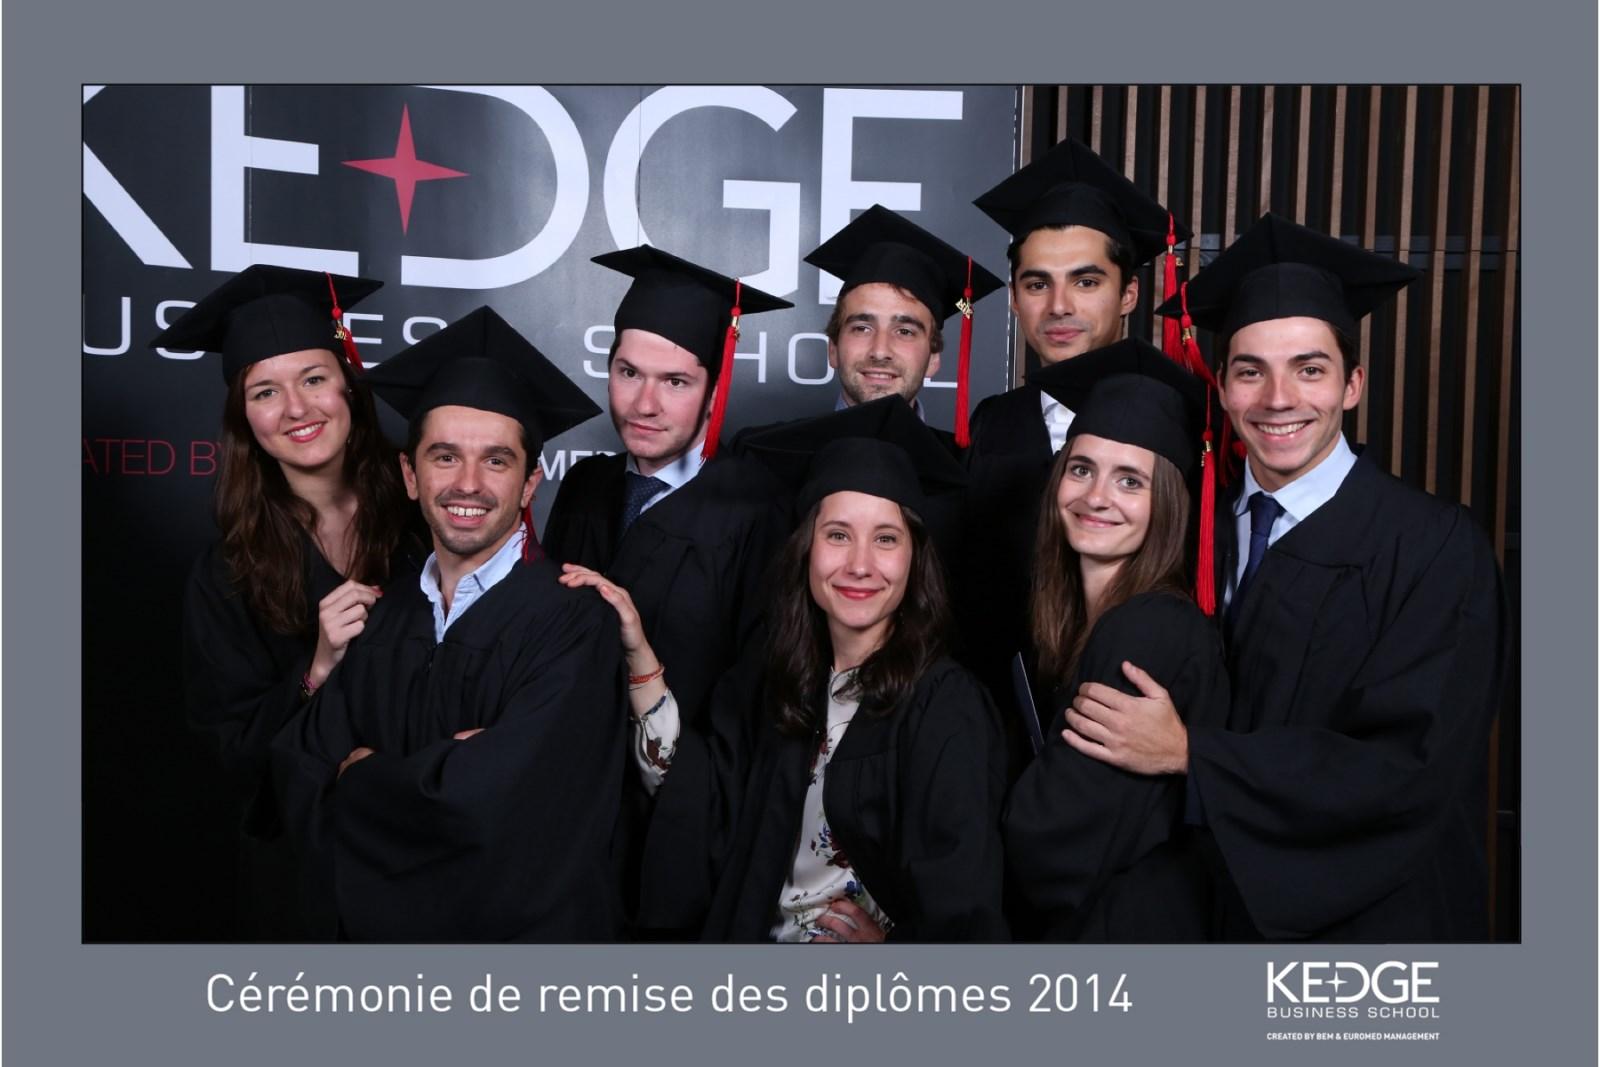 PHOTO CALL BEM KEDGE